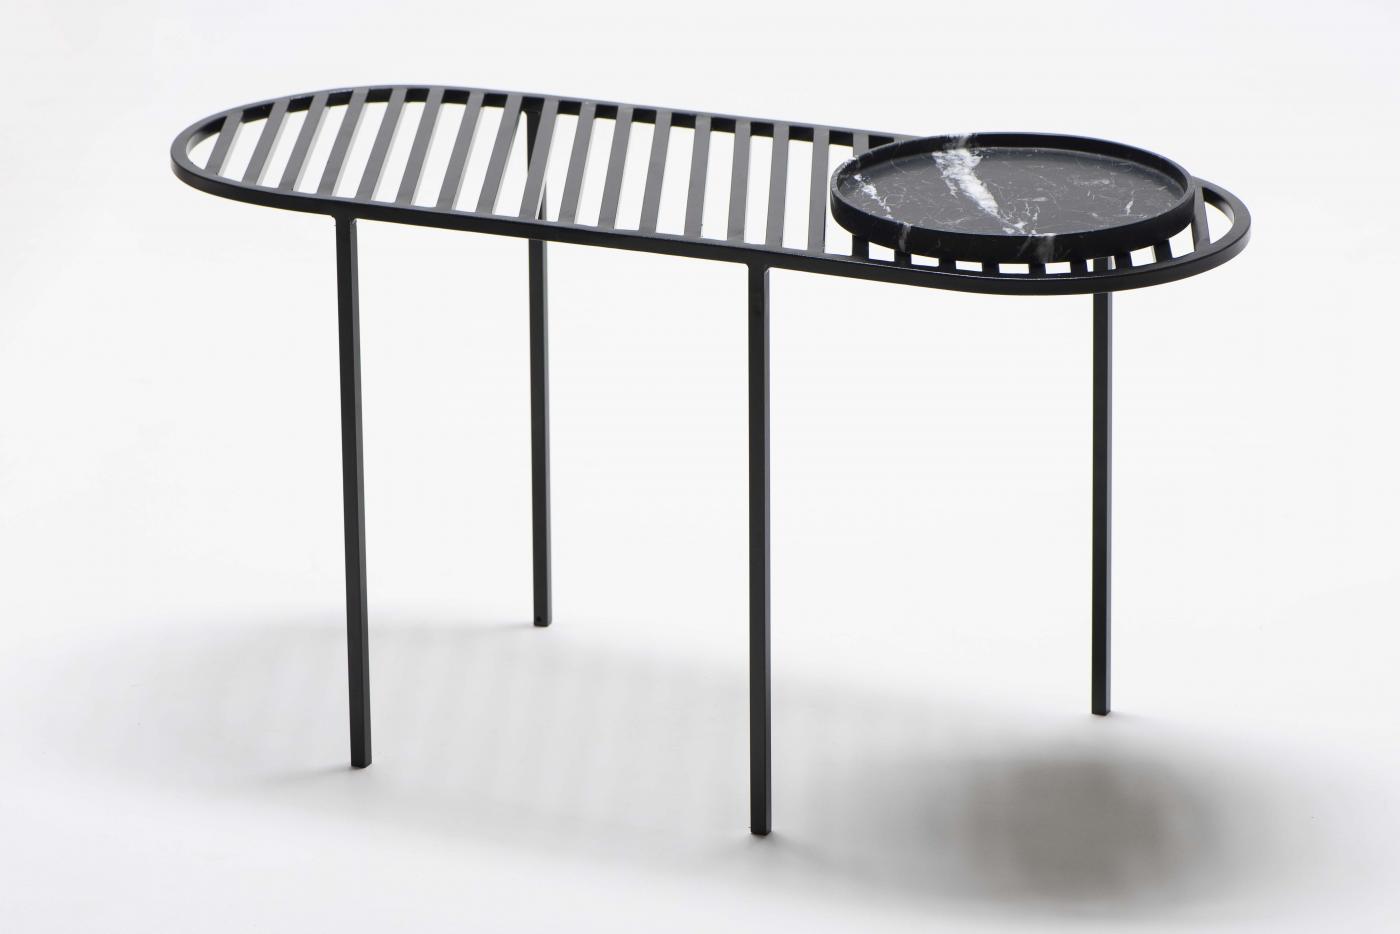 studio roca design mesa lateral grelha com bandeja preta